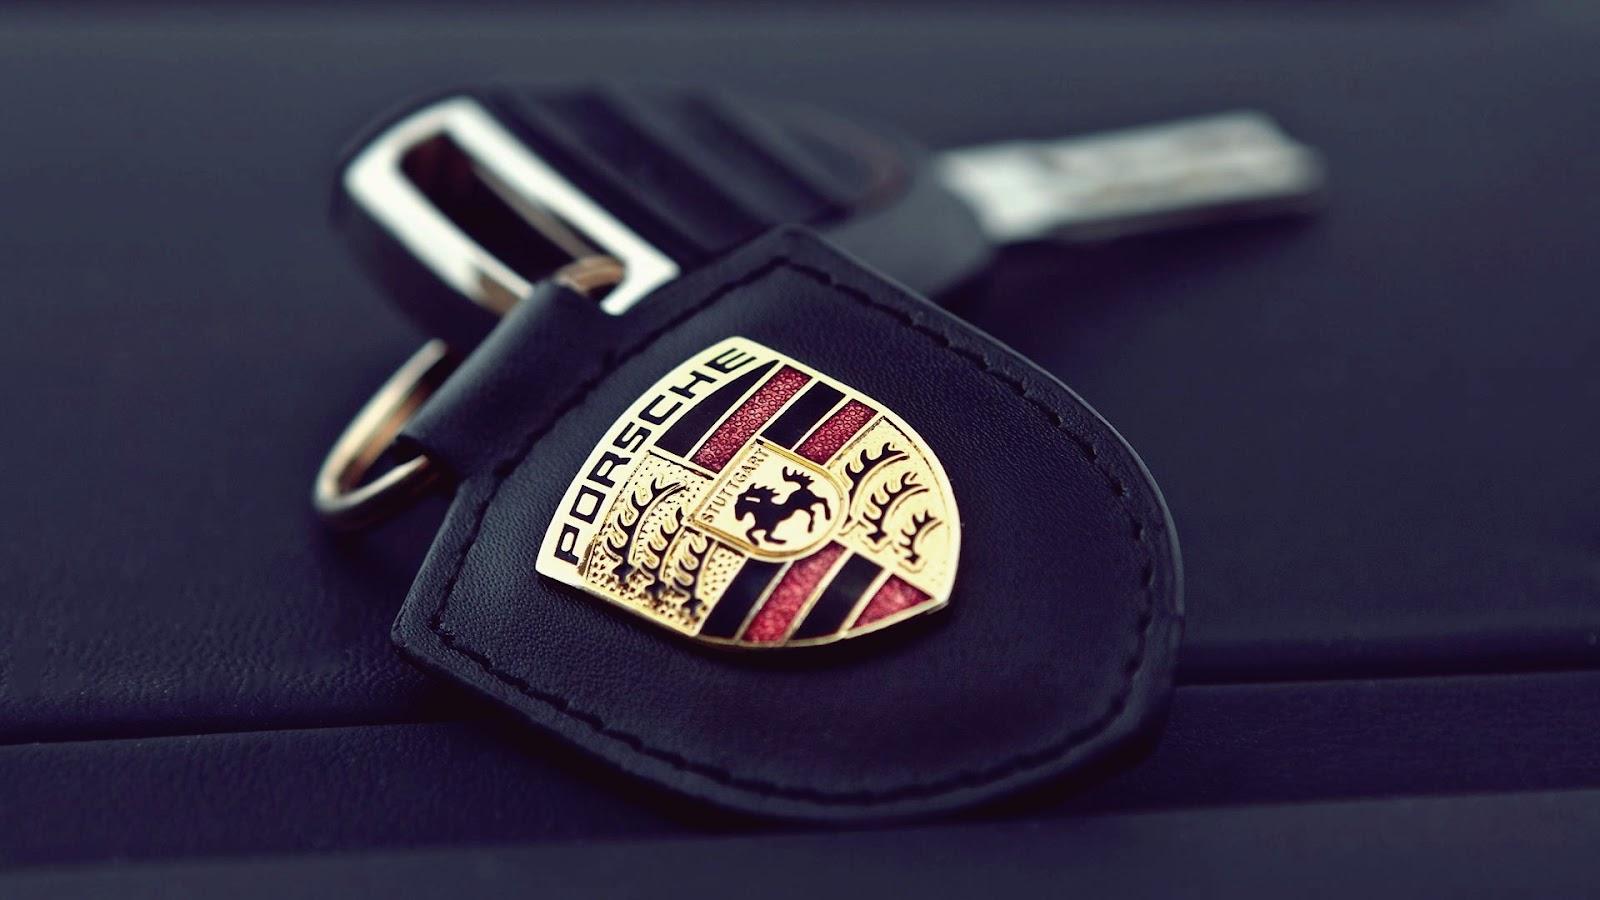 Porsche Key Holder Close Up Photo Hd Wallpaper Hd Car Wallpapers